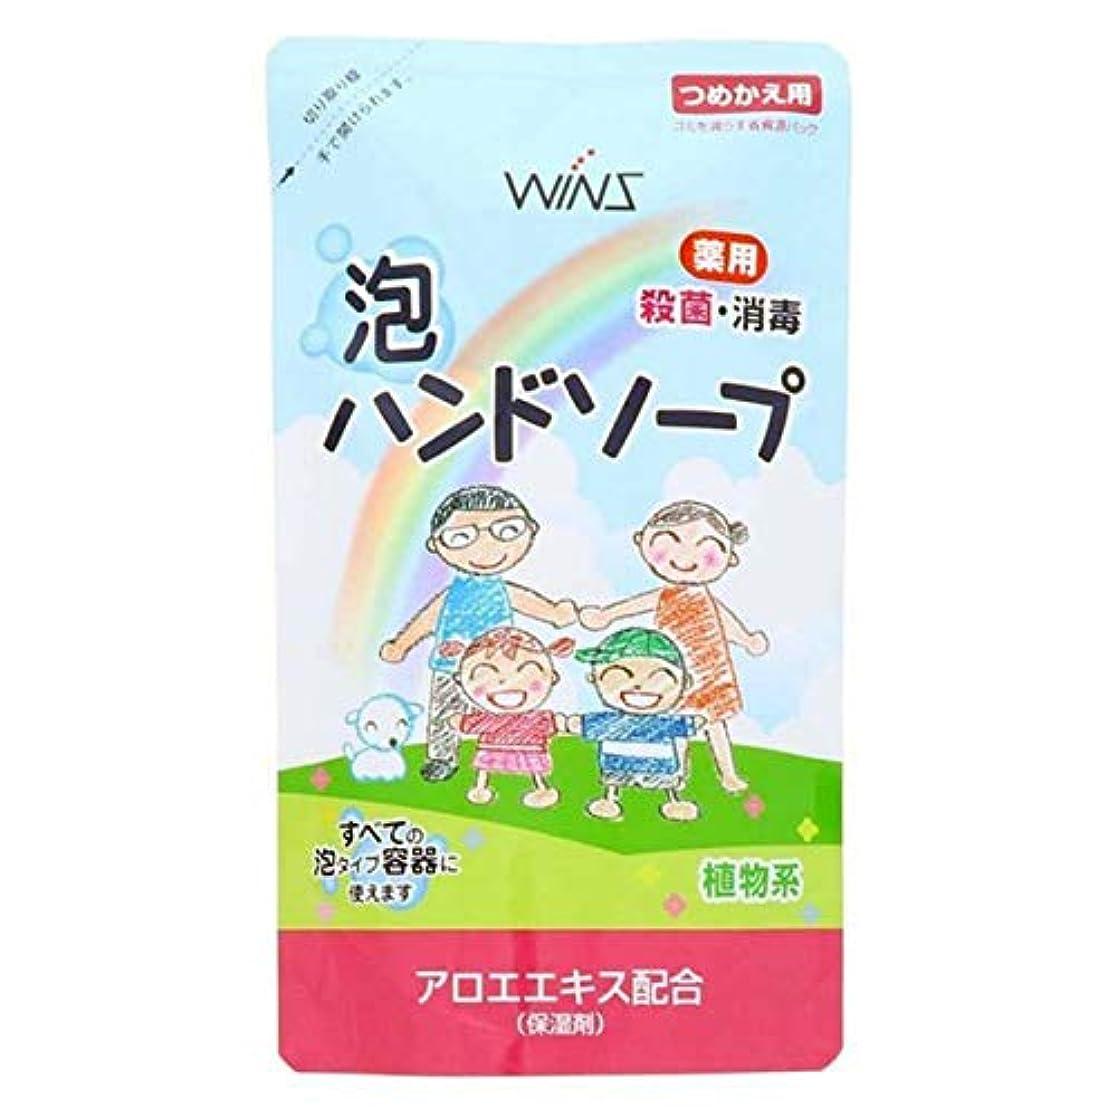 バイナリ数値ゴミウインズ 薬用泡ハンドソープ 詰替 200mL 日本合成洗剤